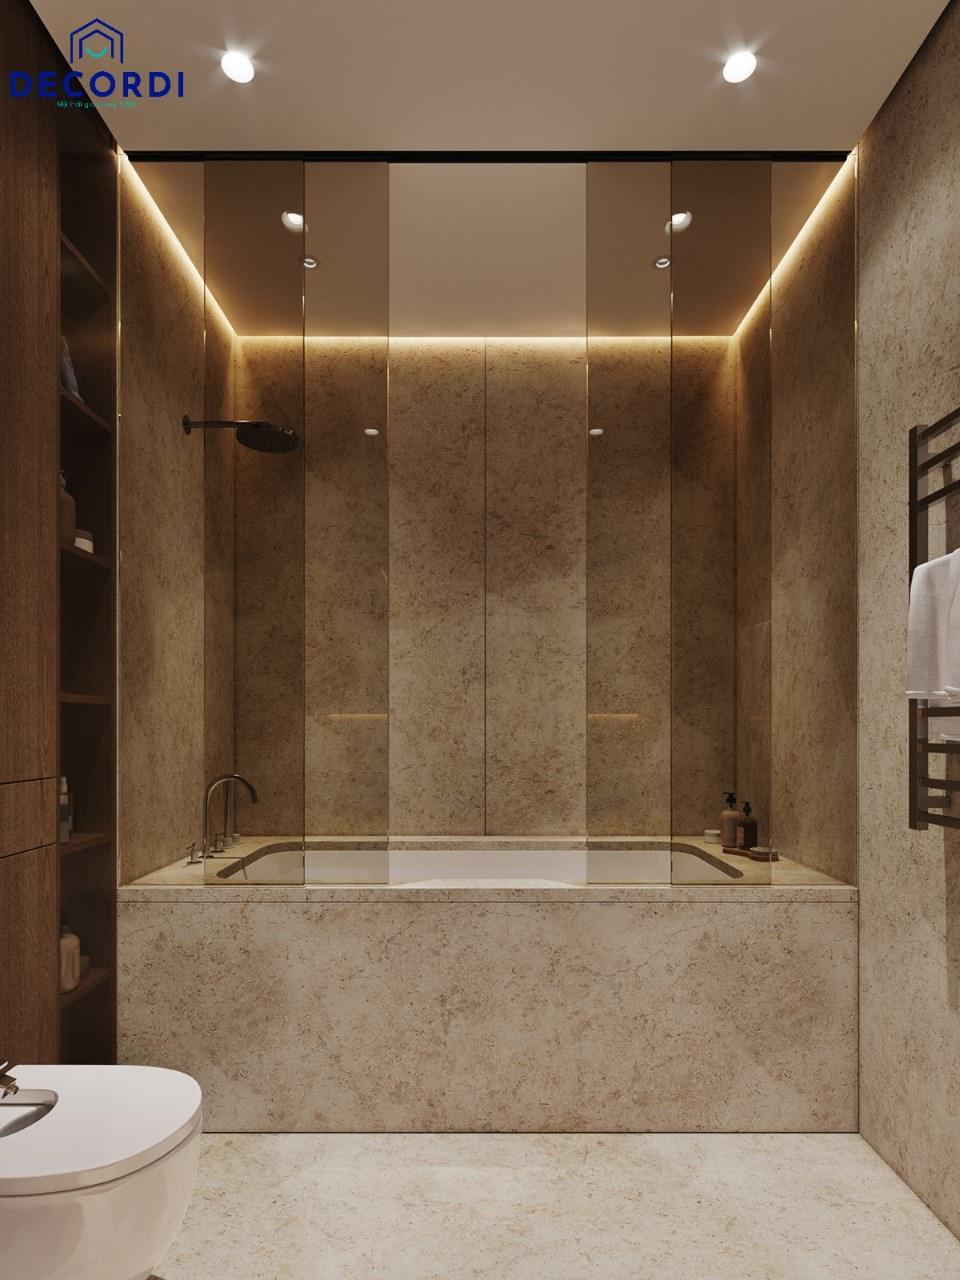 12. Op da tuong toilet